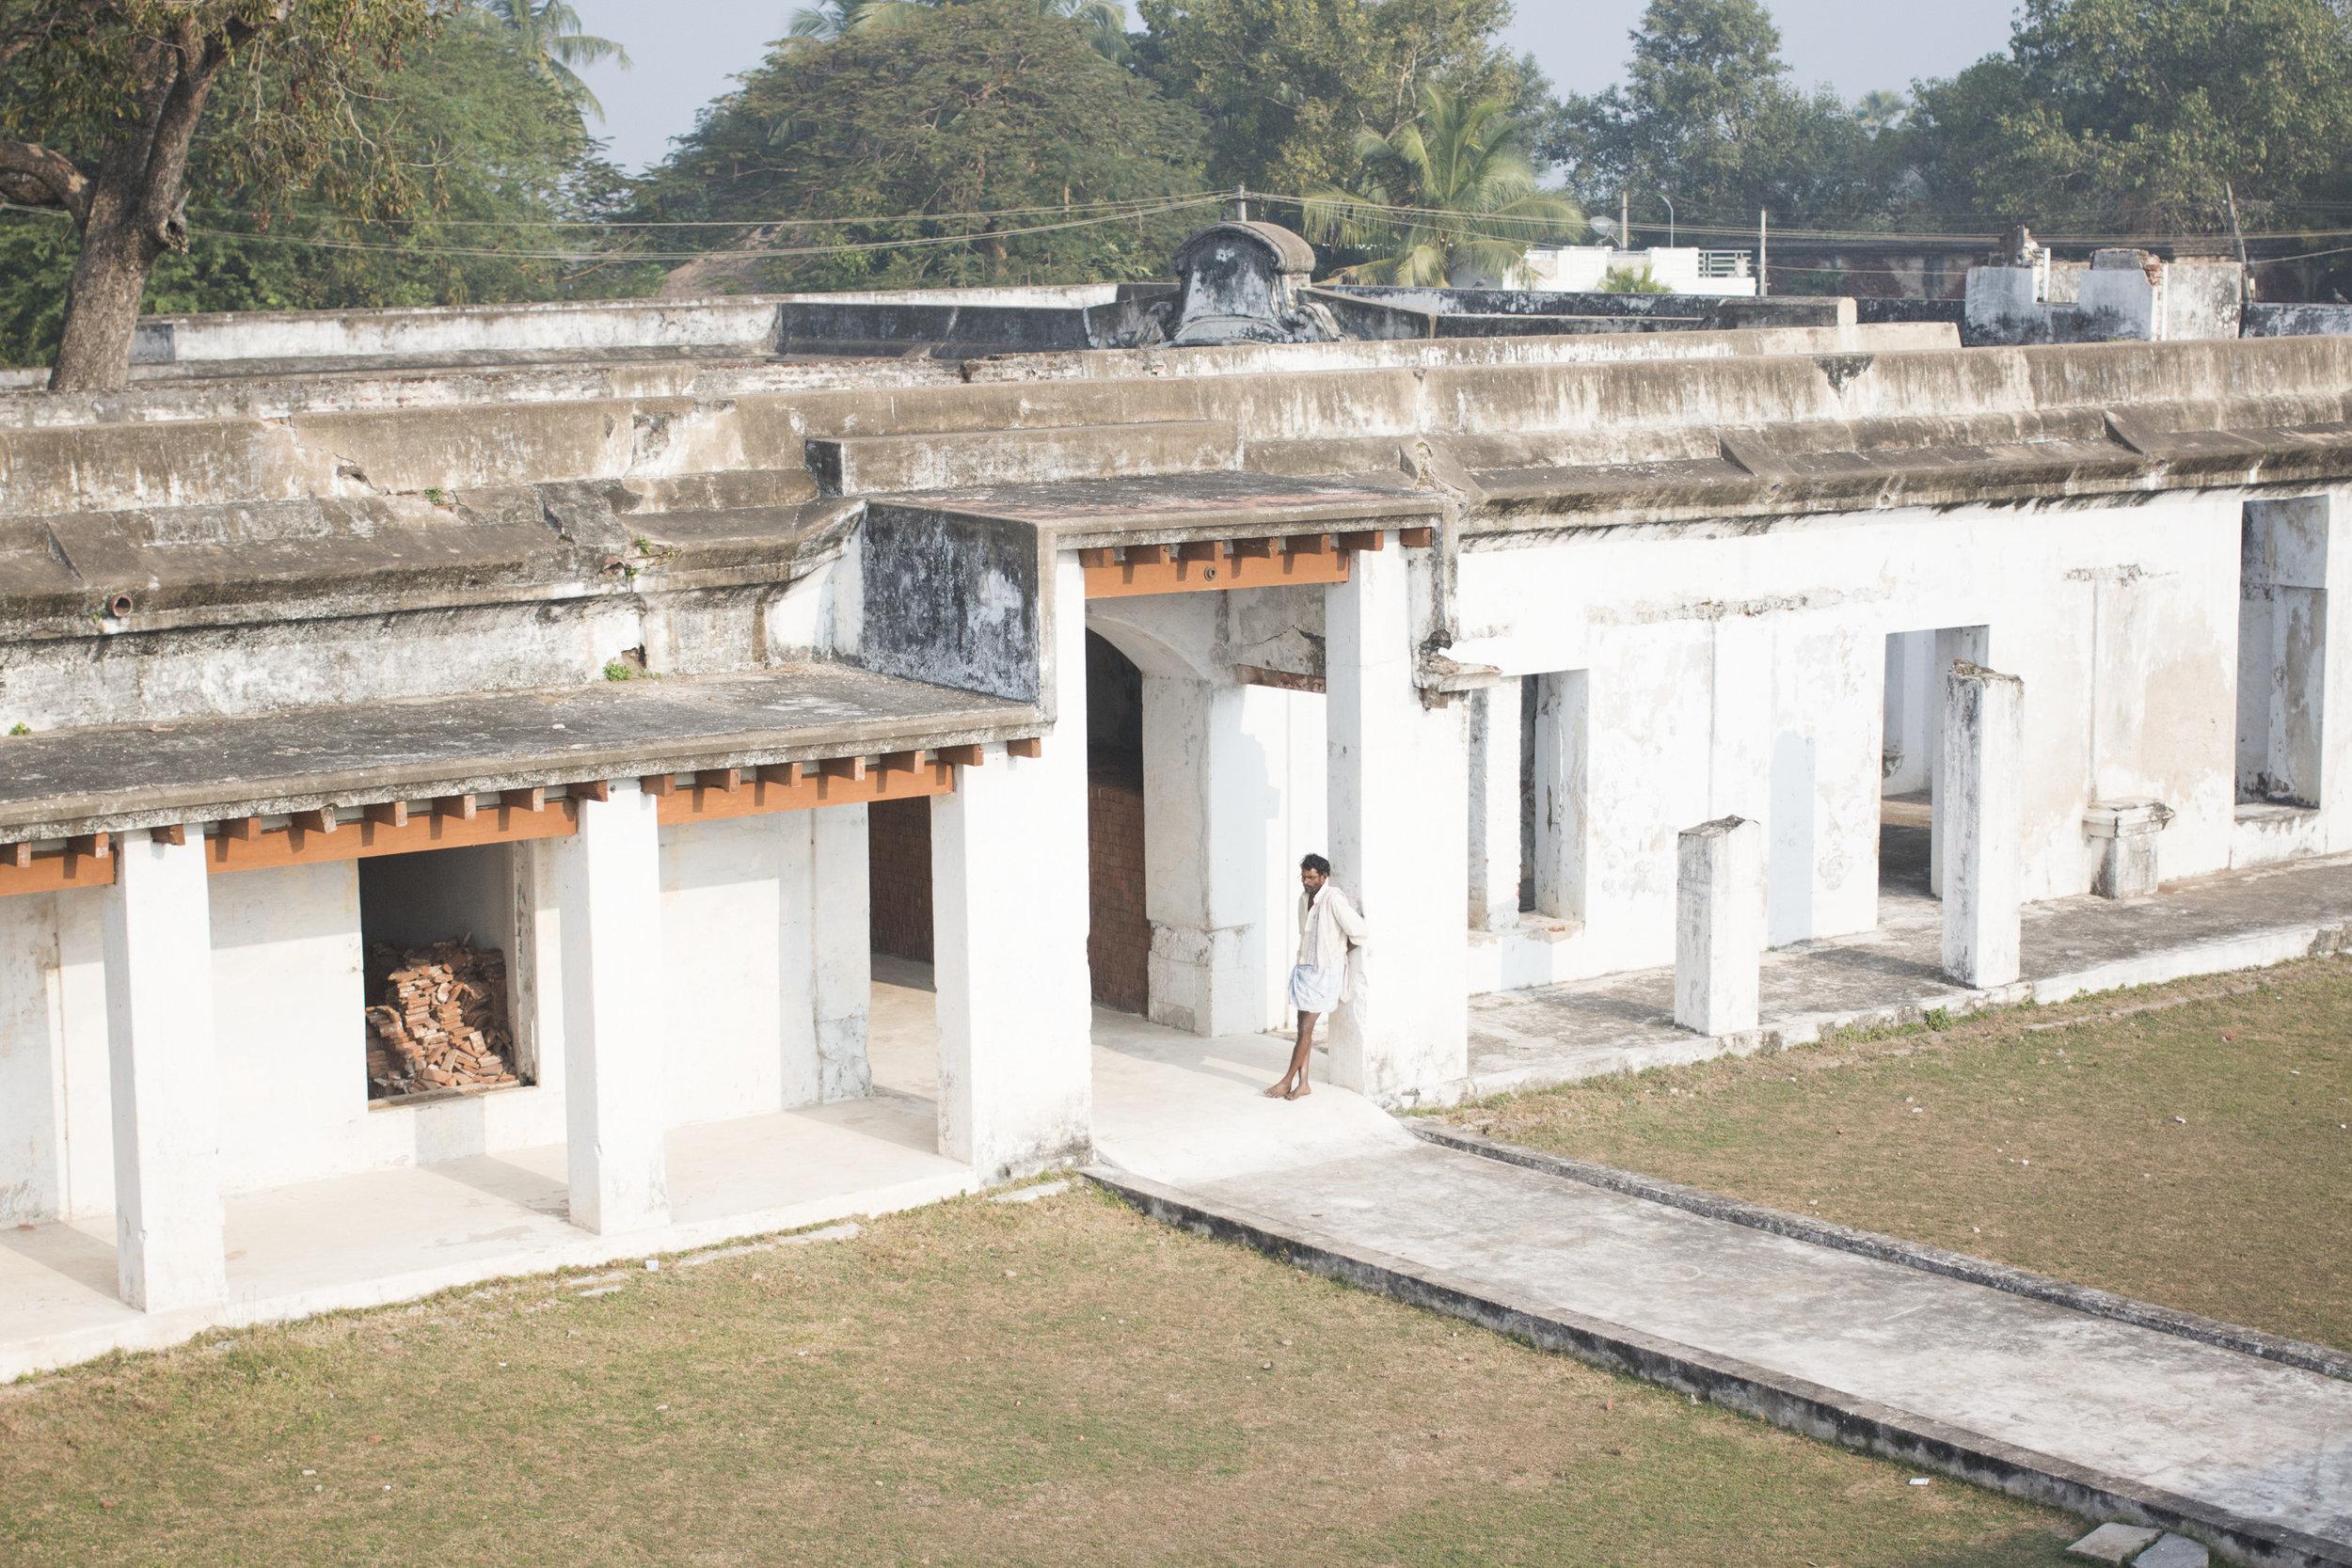 Research in Machilipatnam, India, 2017